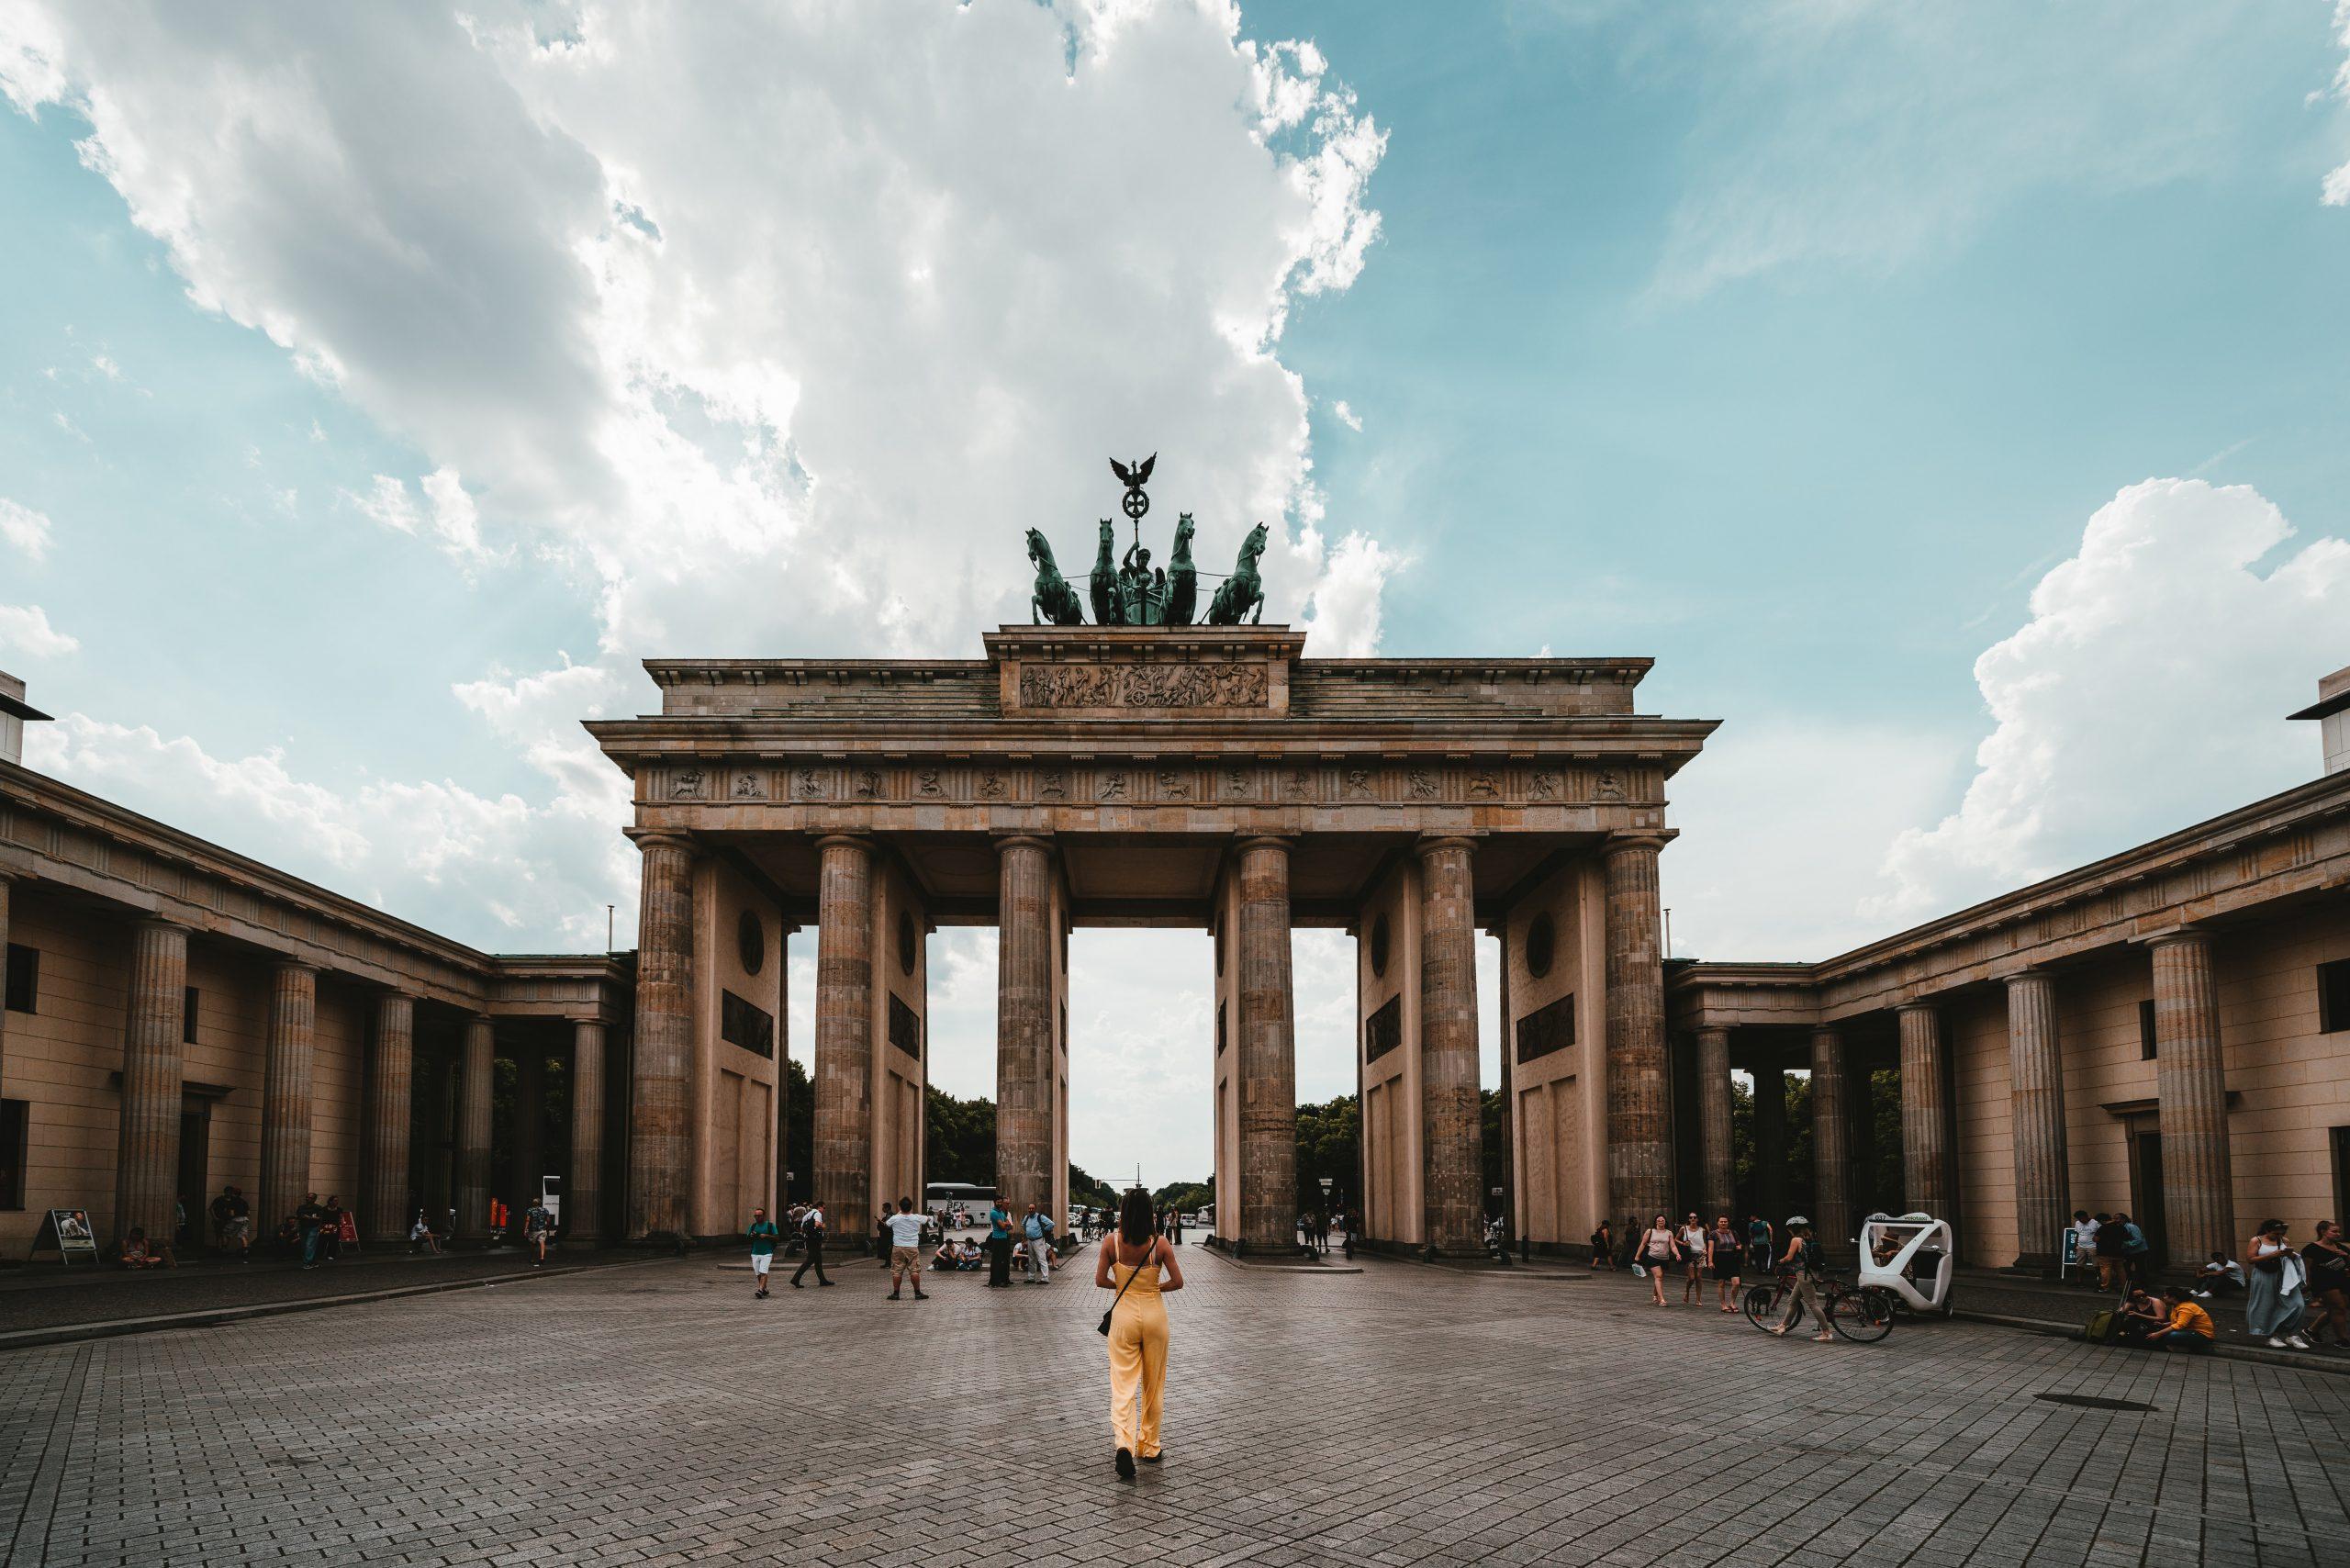 [ĐỨC-BERLIN] HỌC BỔNG TRỊ GIÁ LÊN ĐẾN €5.000